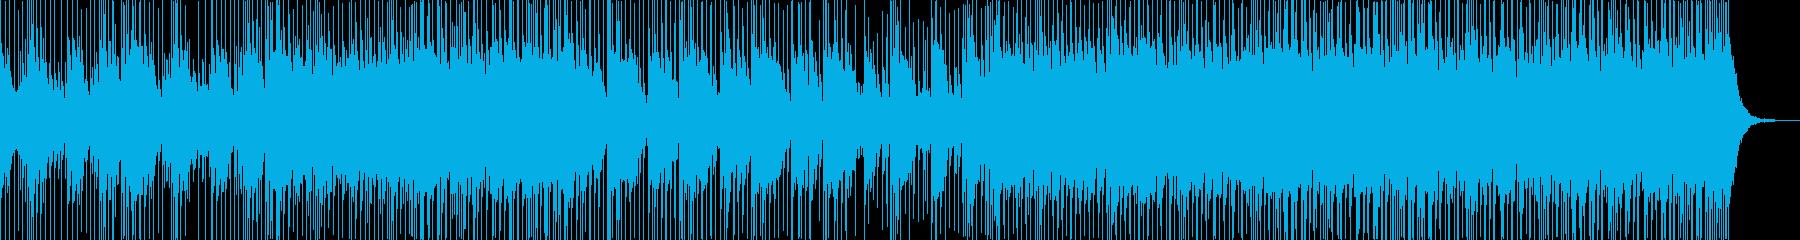 シンプルに和太鼓と三味線での演奏の再生済みの波形